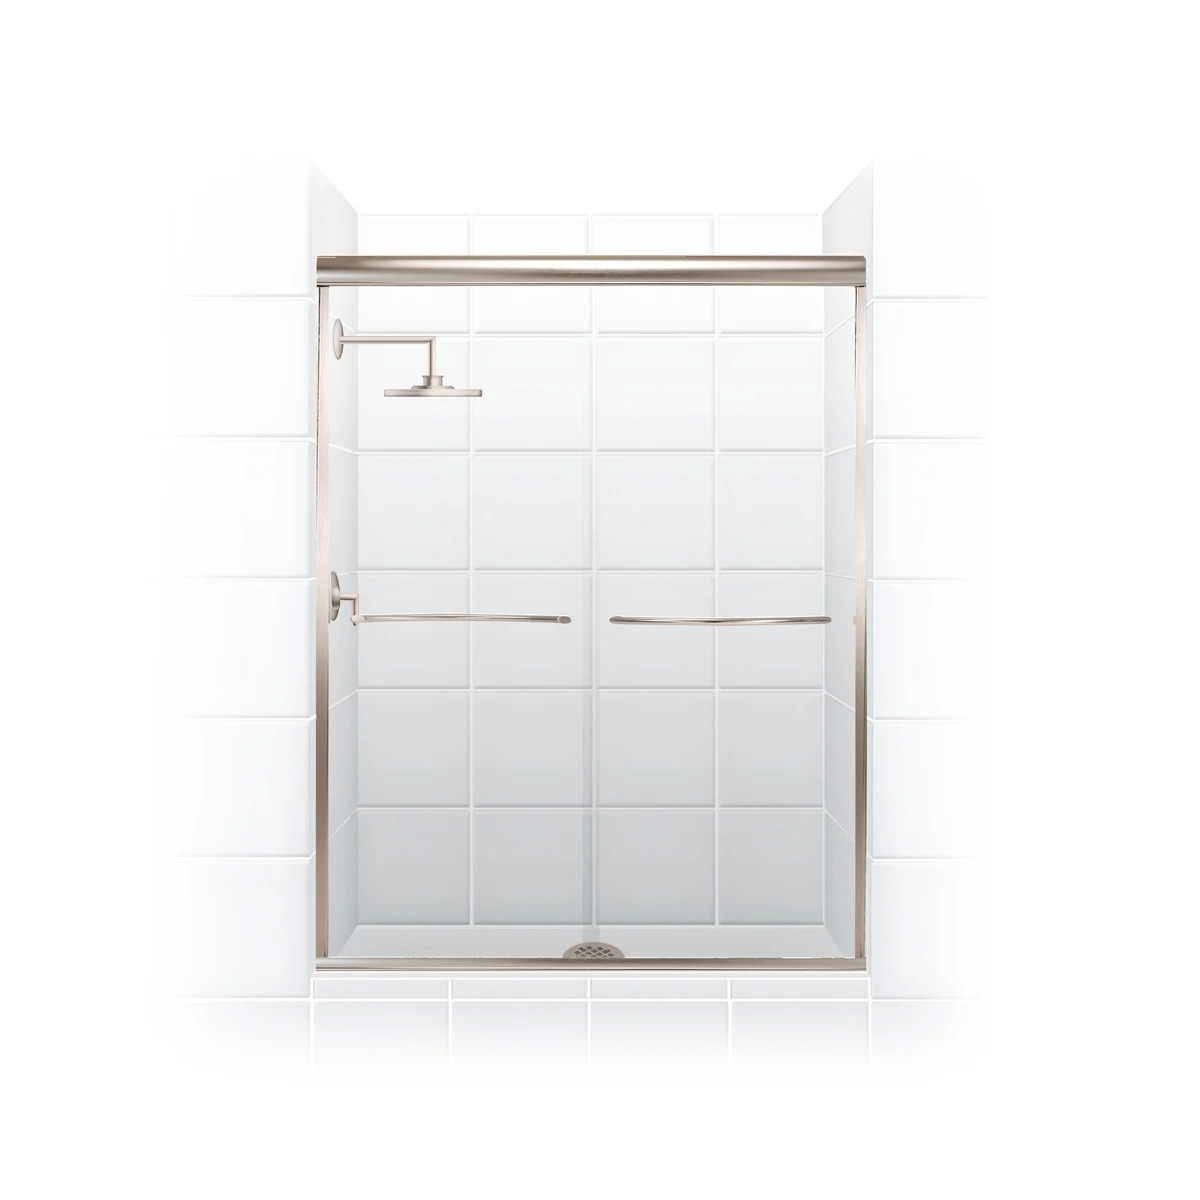 Coastal Shower Doors 2860 71 C